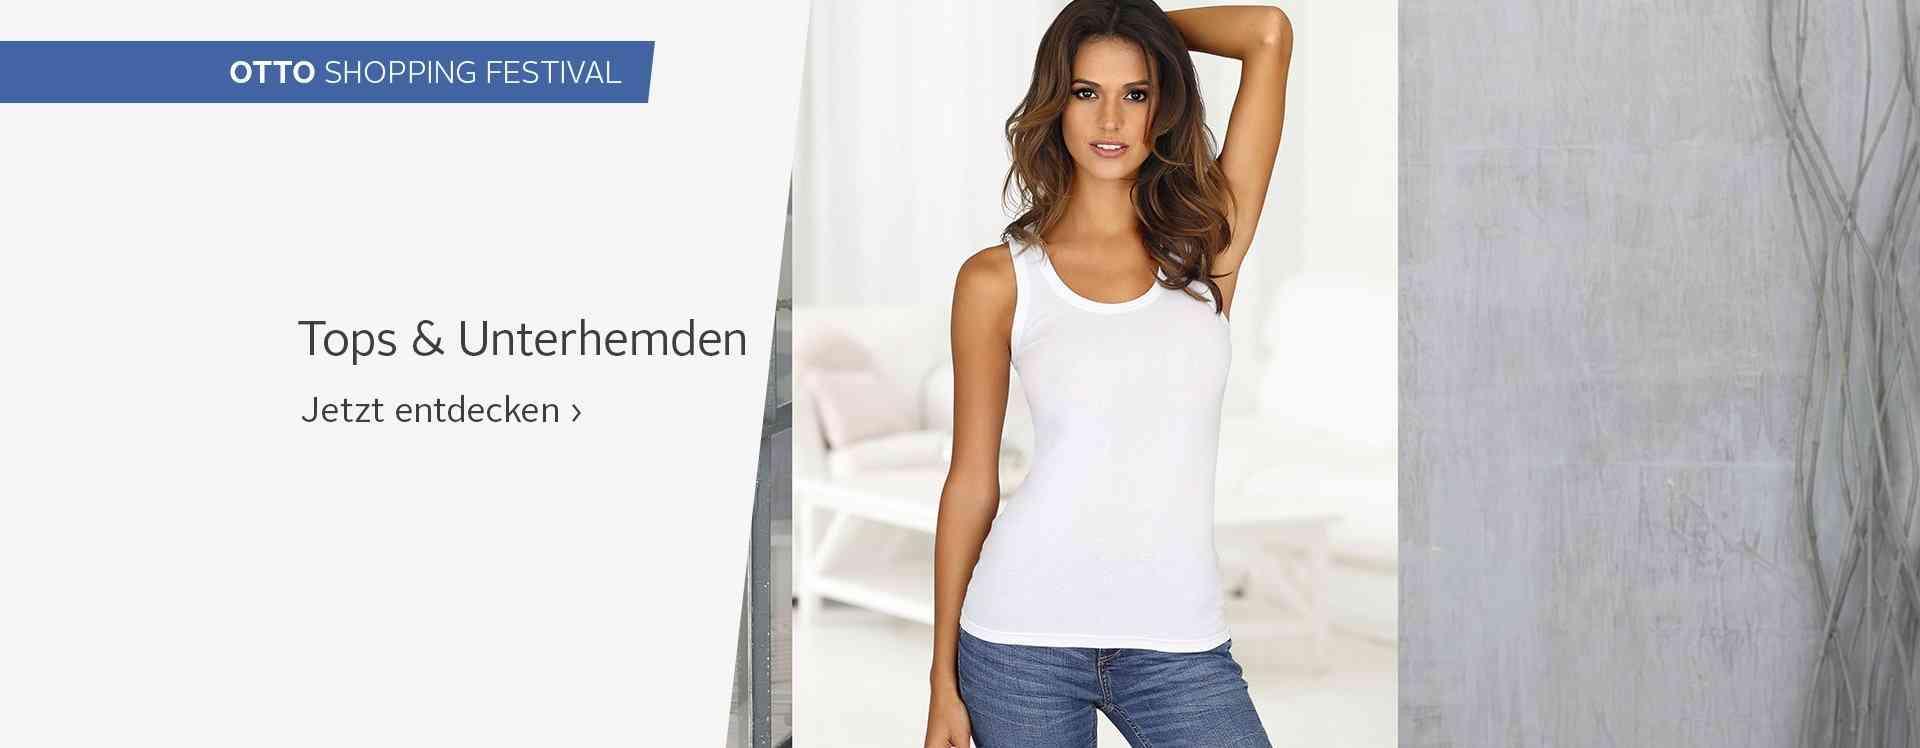 Unsere Unterhemden für Damen sorgen für ein angenehmes Tragegefühl. Langarm-, Kurzarmhemd oder Tops mit Spaghettiträgern из exclusiven Marken wie Lascana werden Sie begeistern.